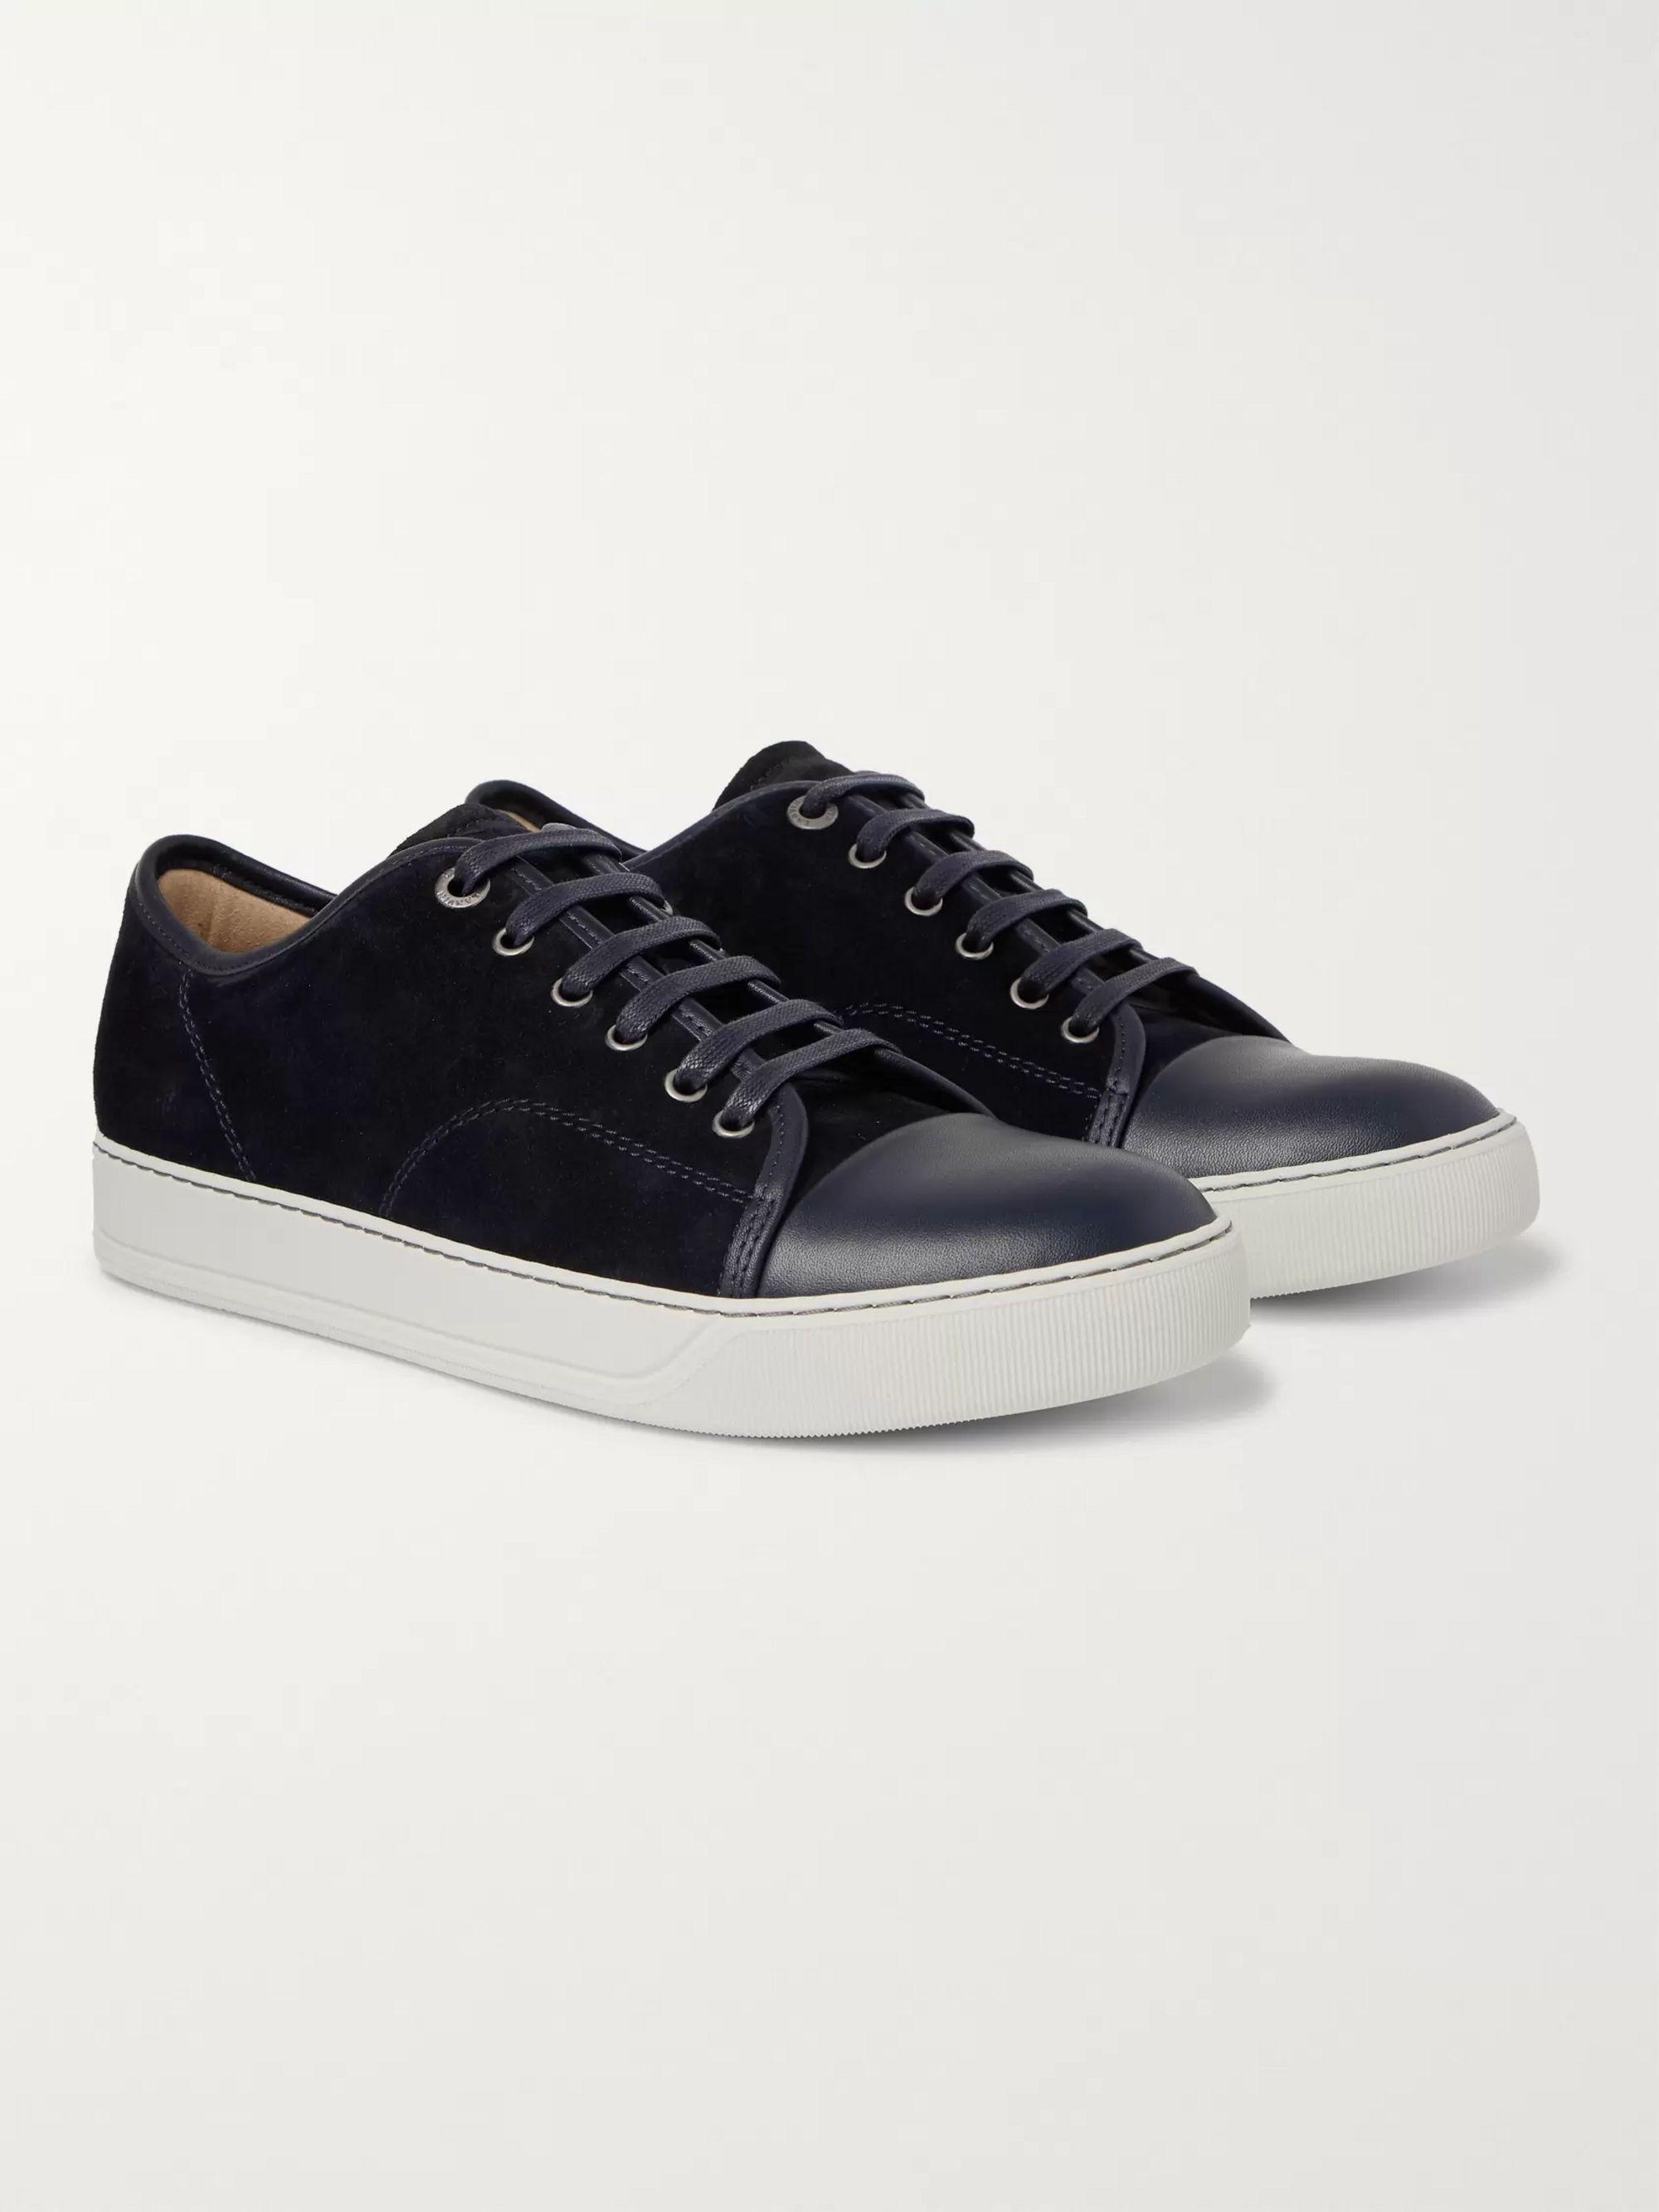 bedst sælge uk billigt salg ret cool Cap-Toe Suede and Leather Sneakers